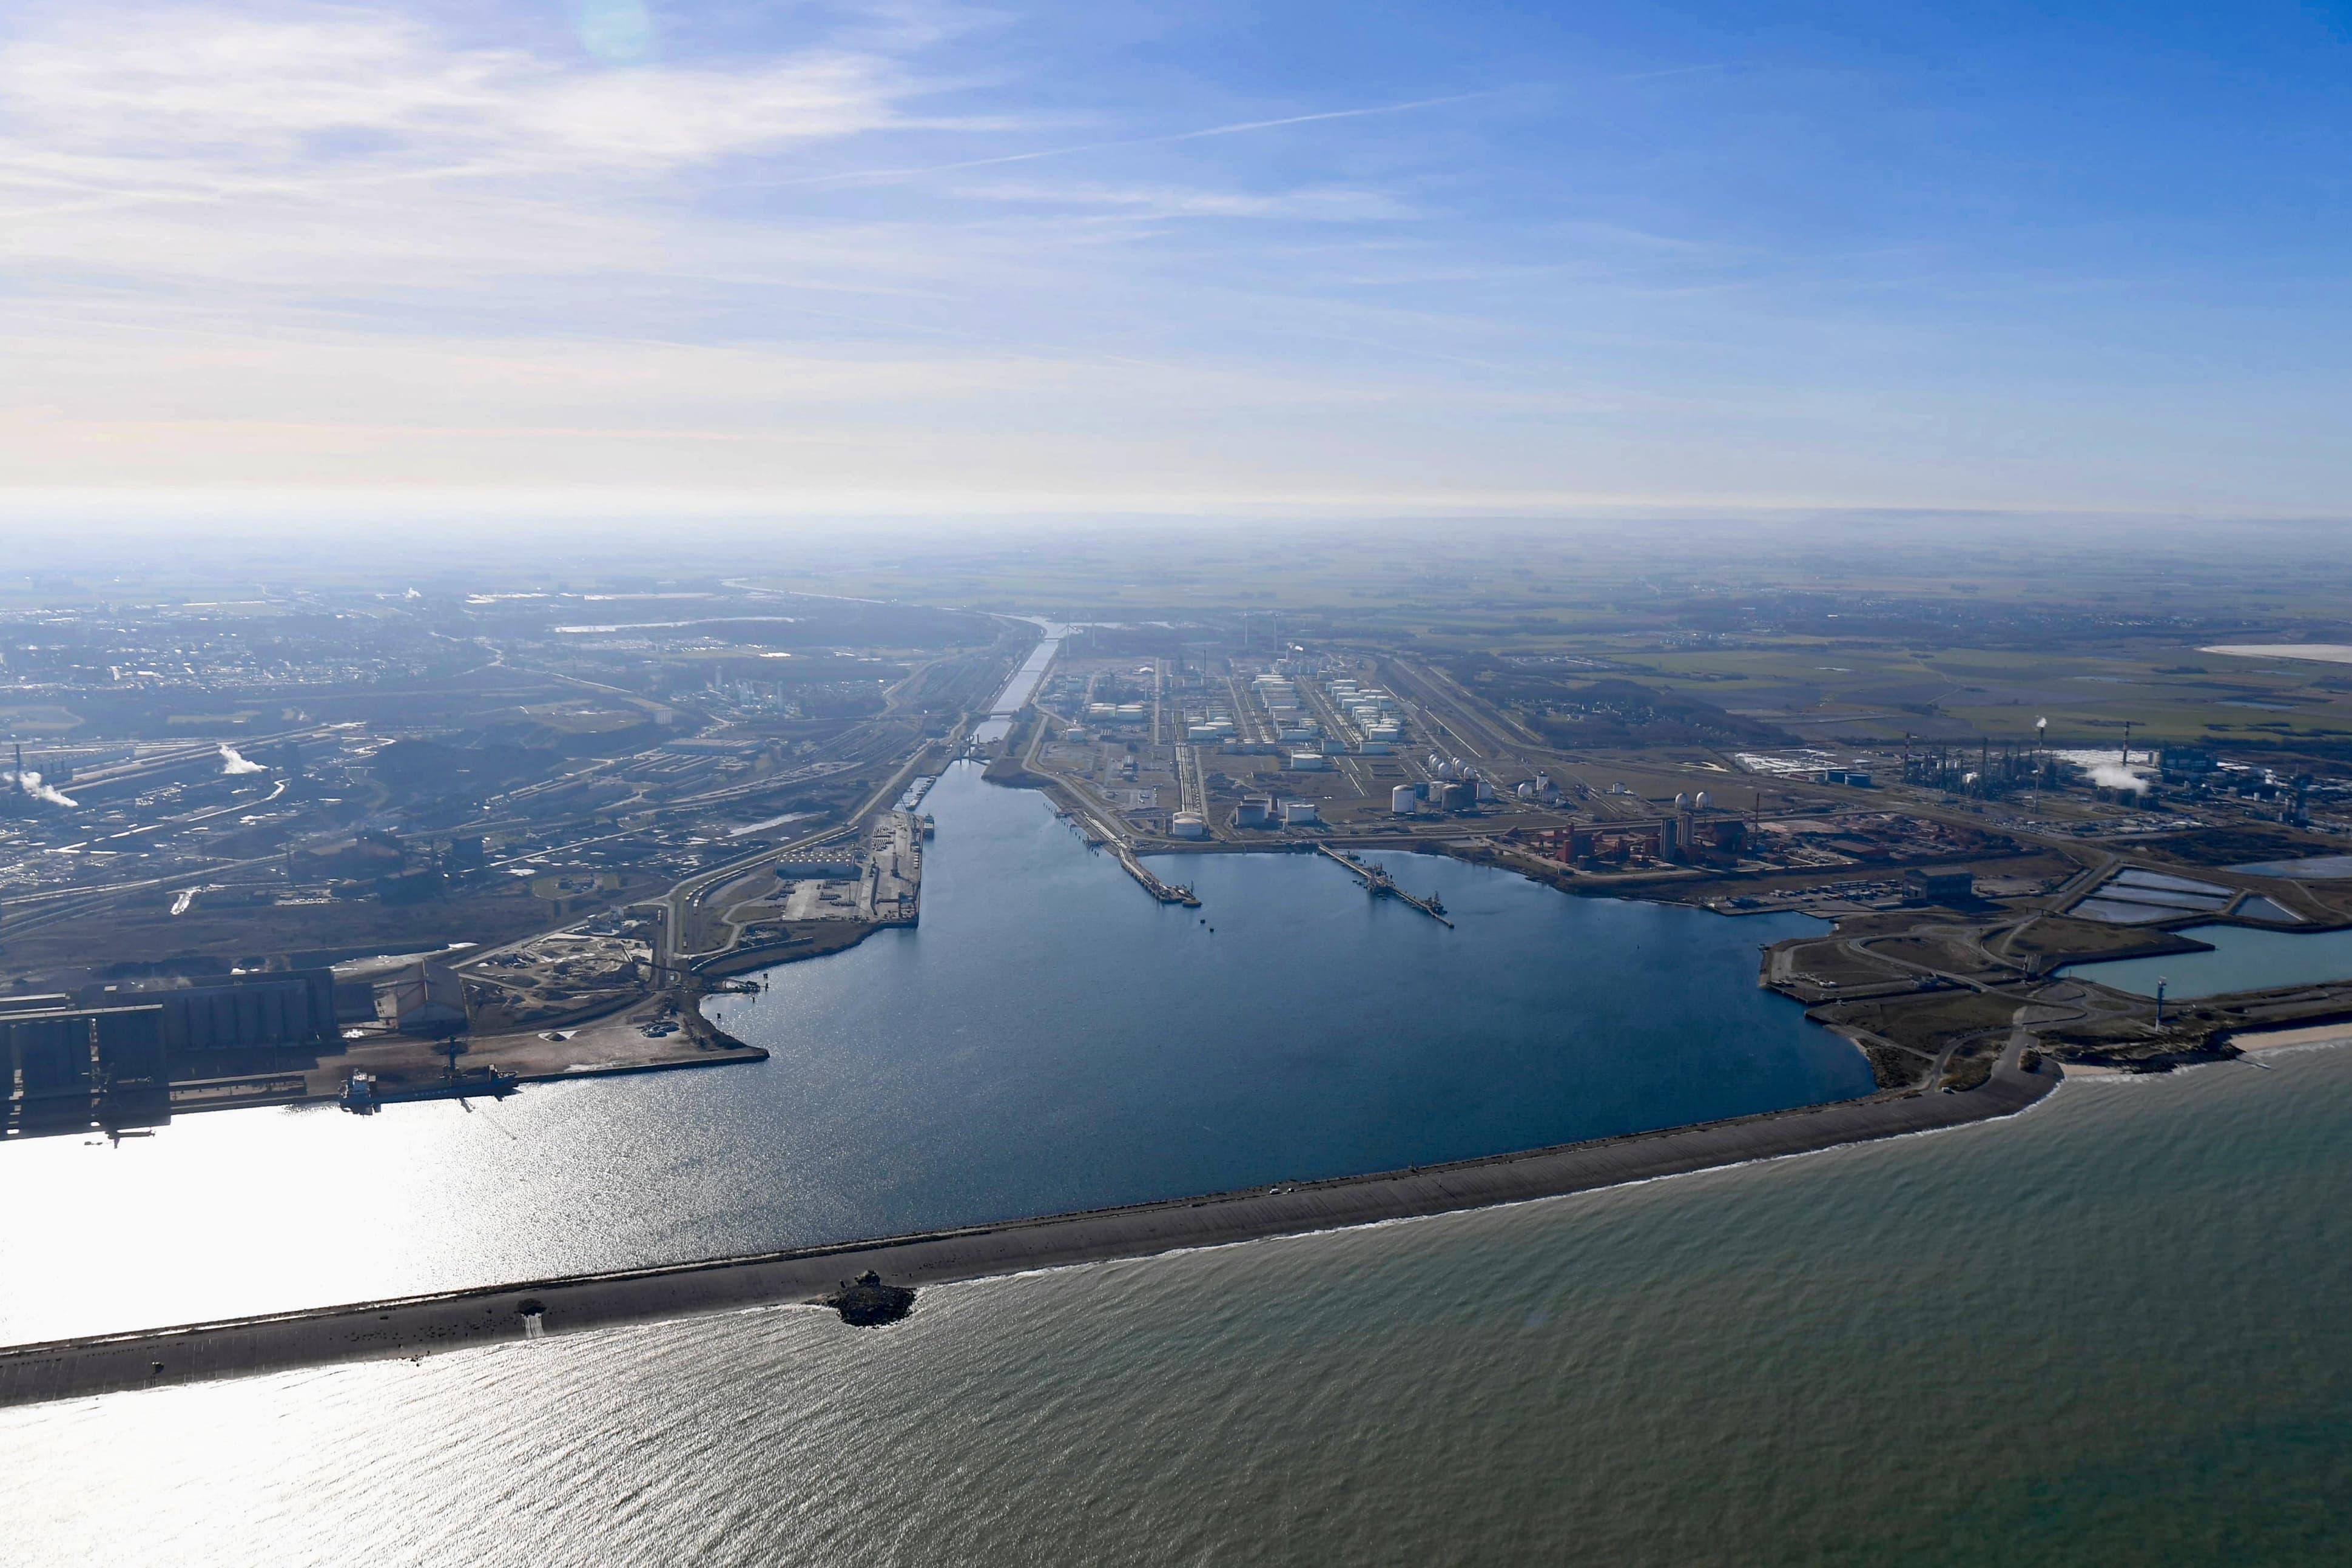 vue Aerienne Dunkerque